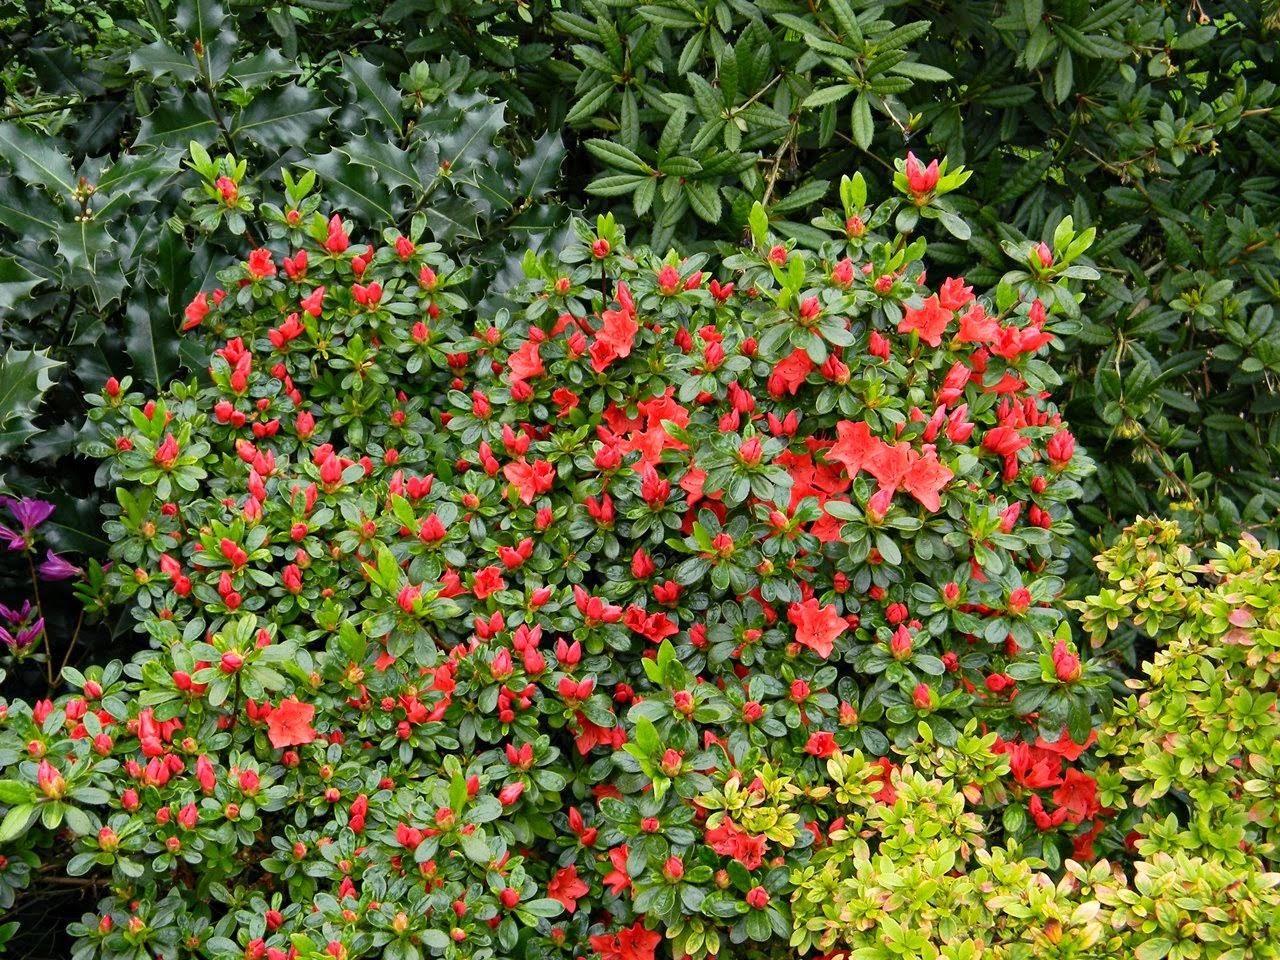 czerwone kwiaty, Kórnik, arboretum, krzewy